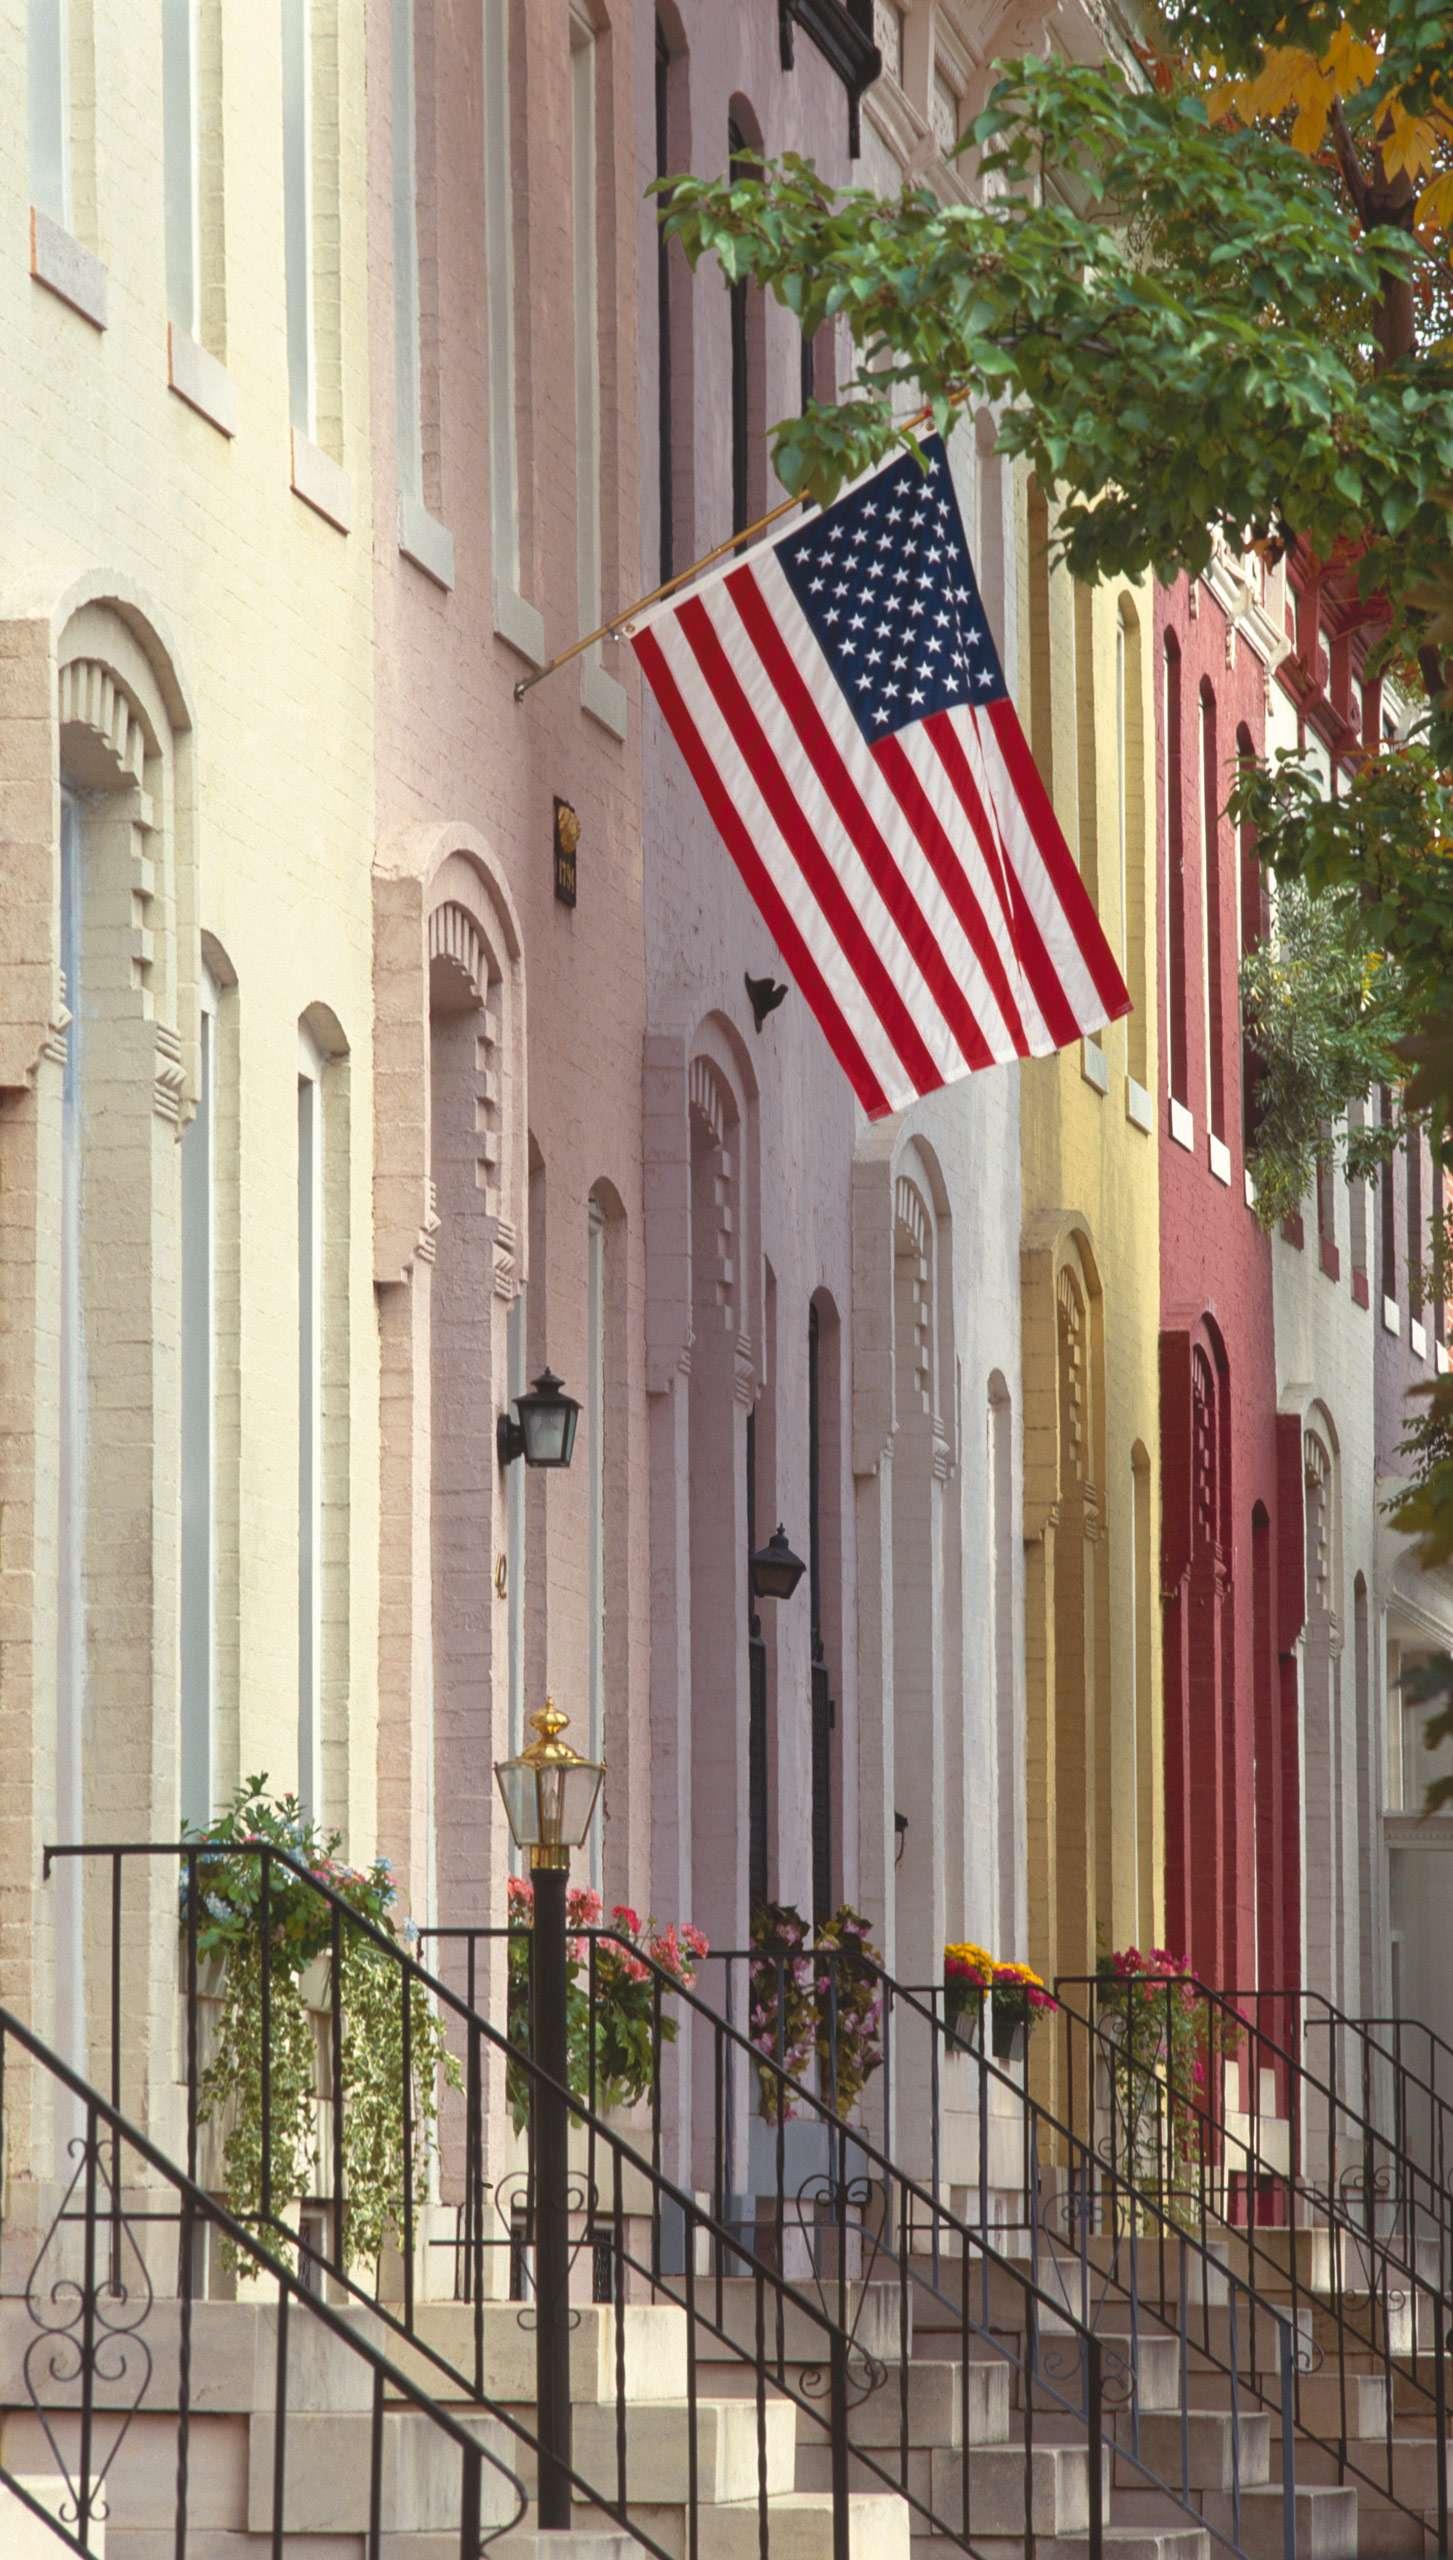 PORTFOLIO - Baltimore - Neighborhoods    #11  PCG067